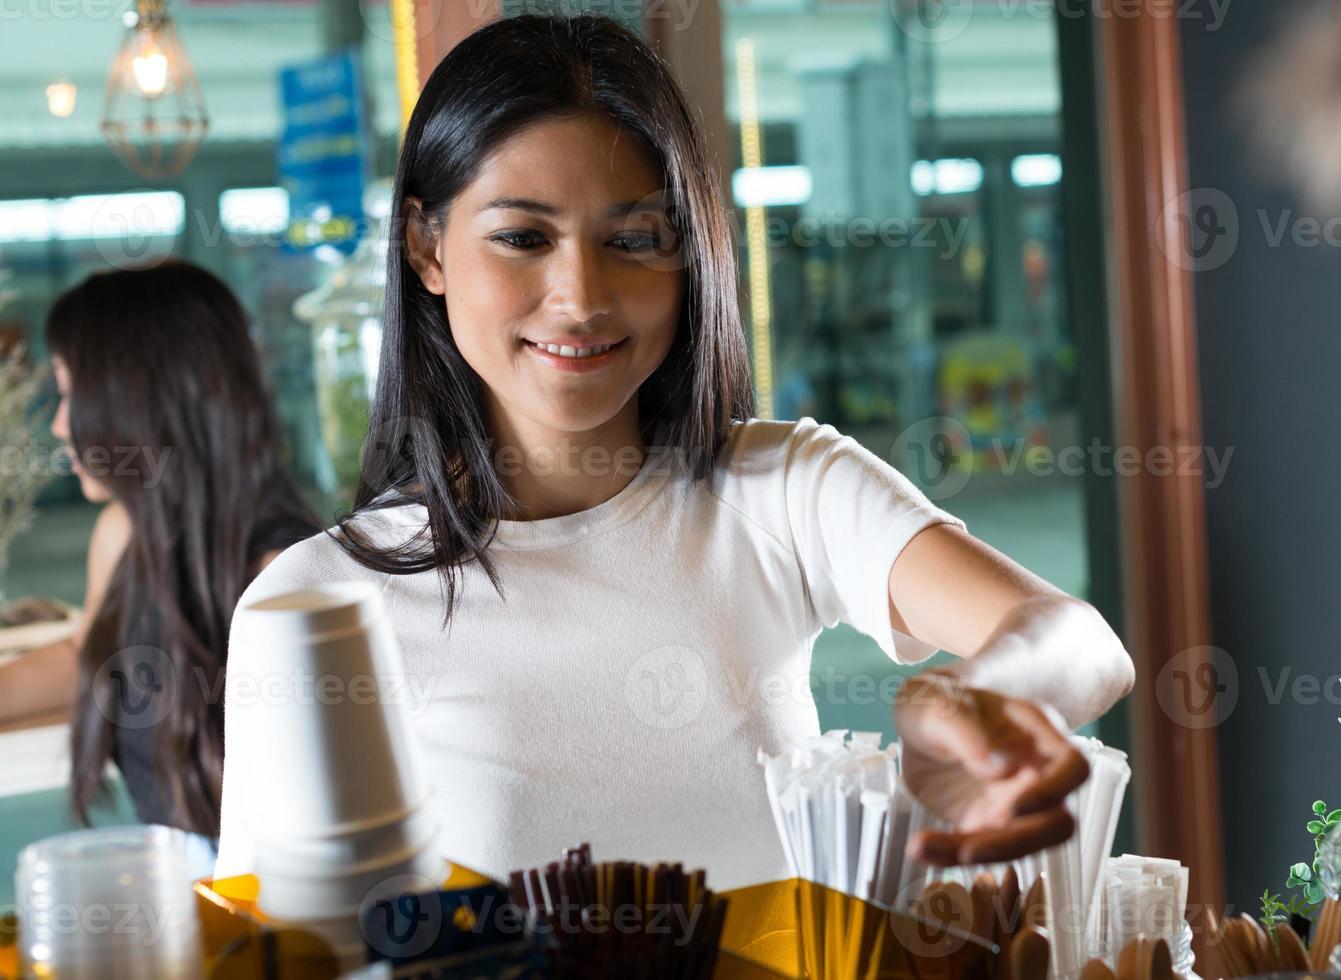 vrouw bestellen in coffeeshop foto